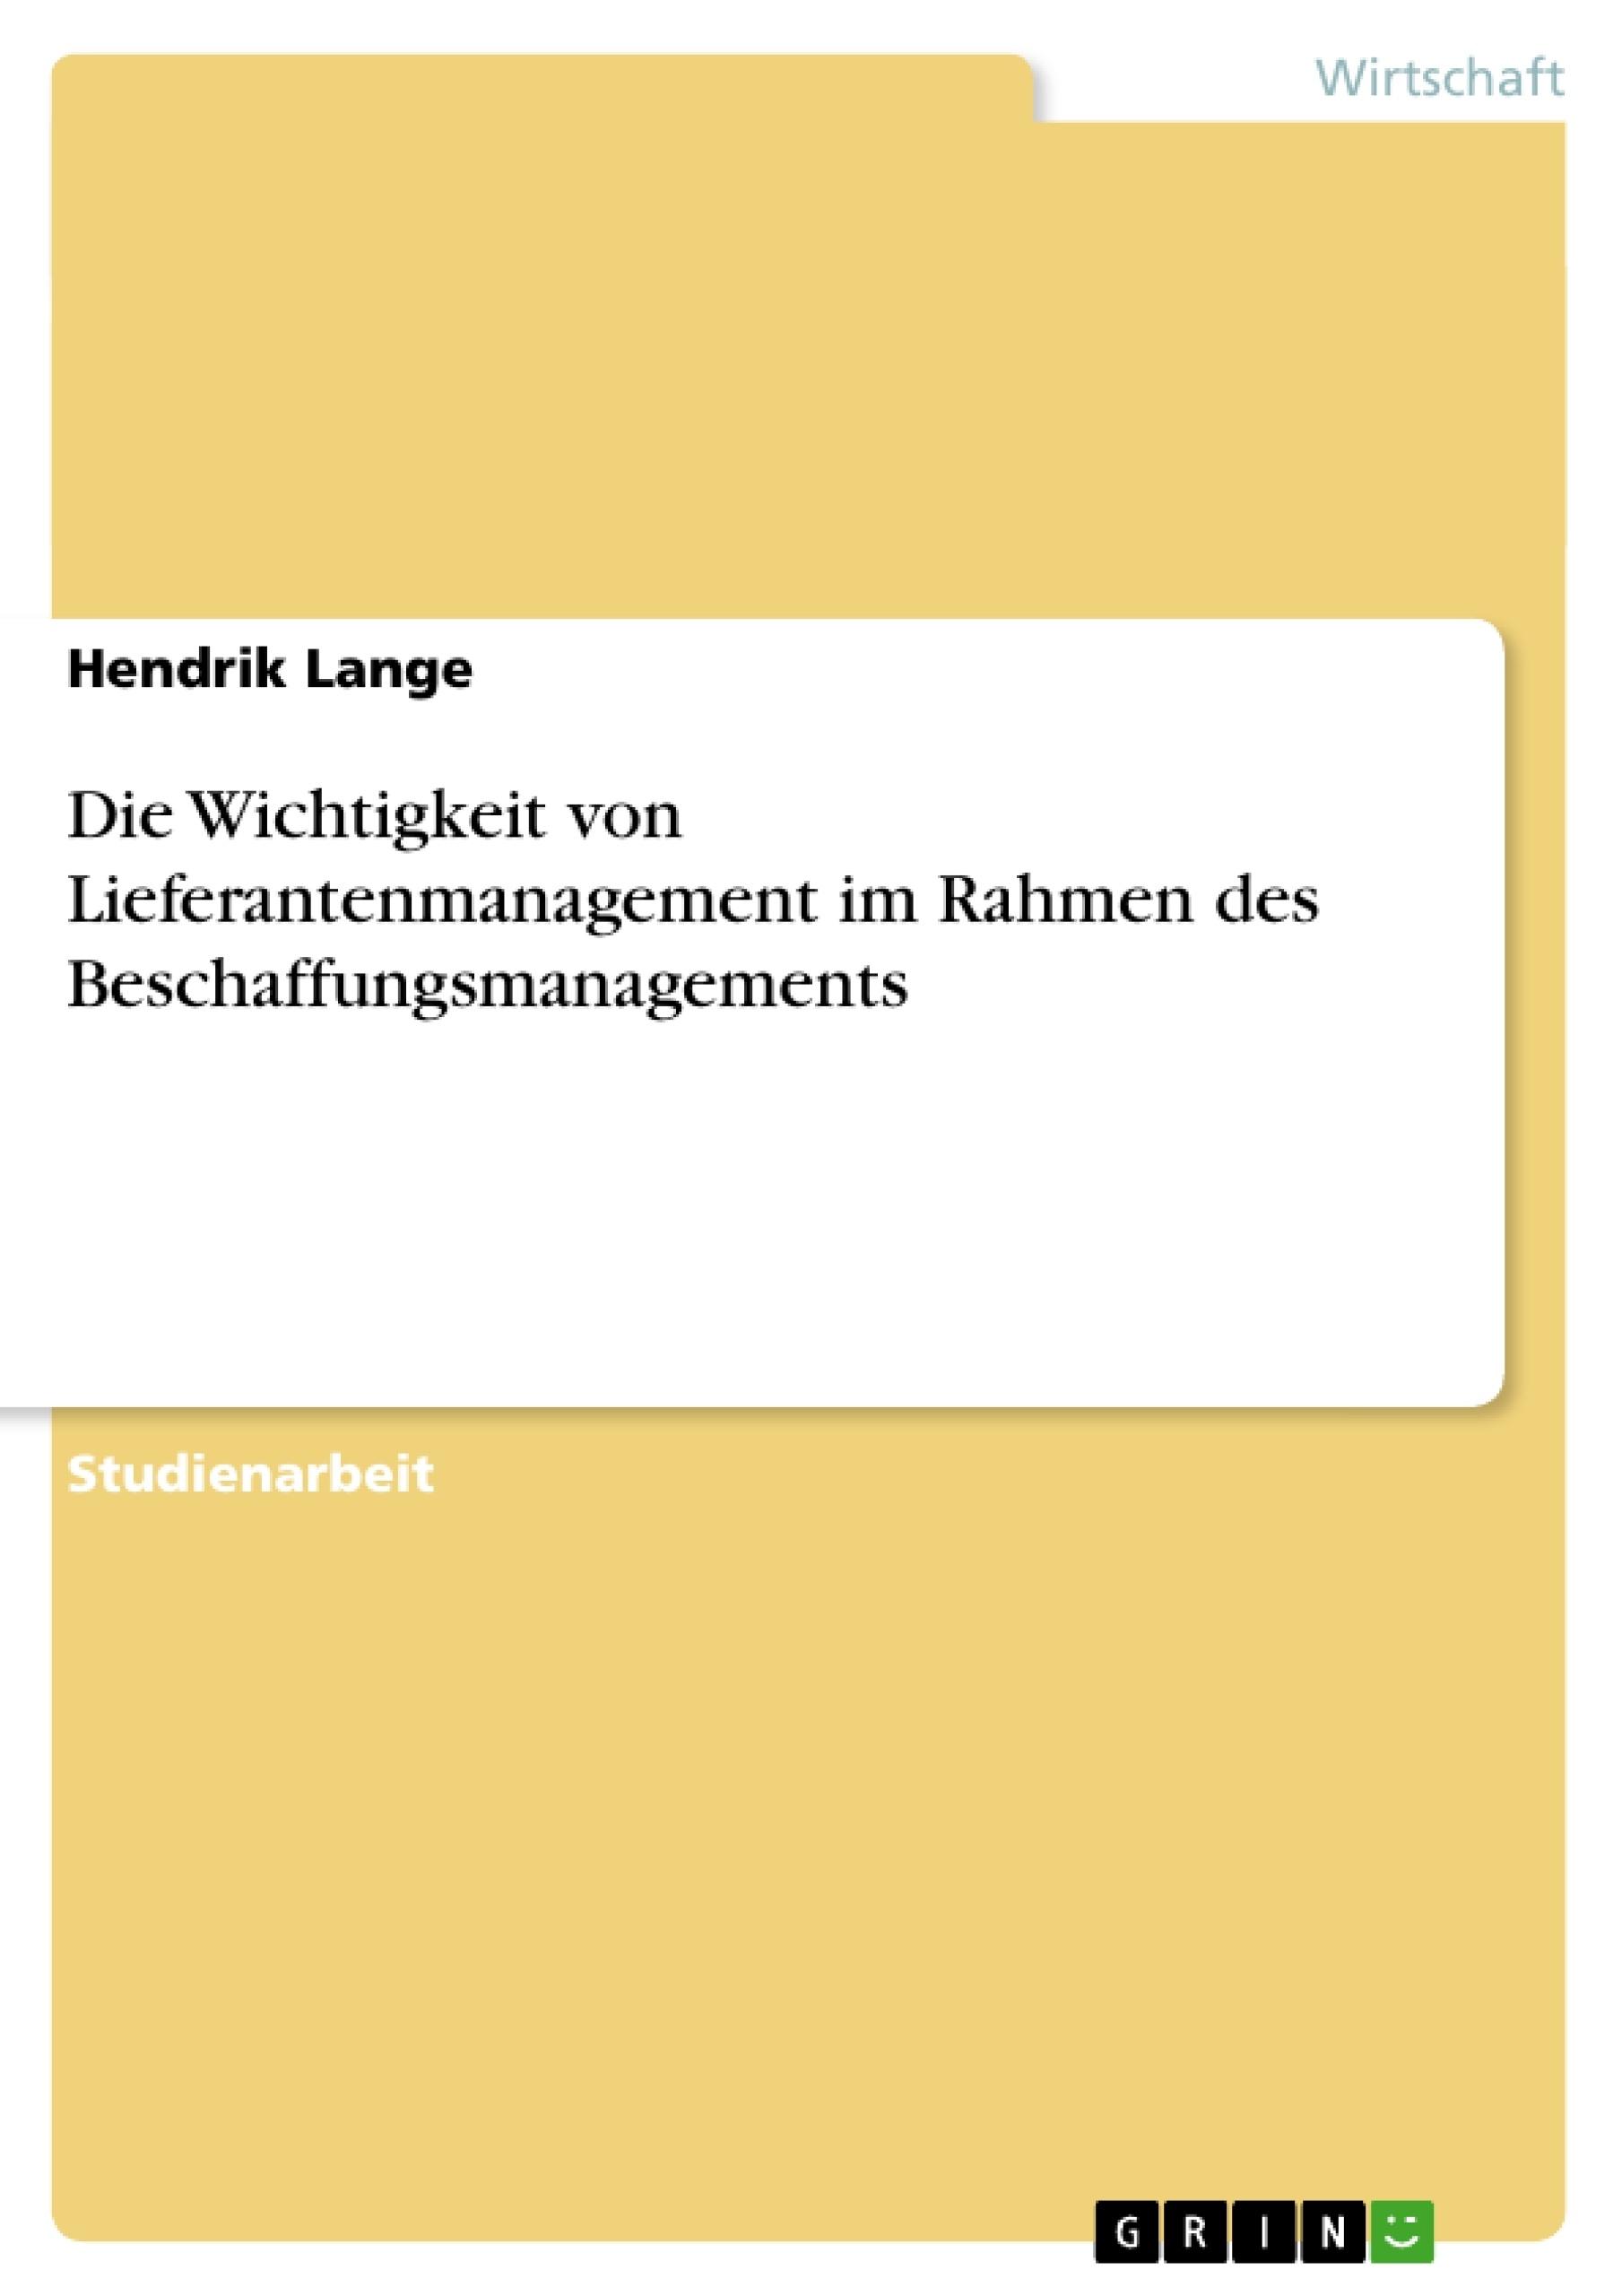 Titel: Die Wichtigkeit von Lieferantenmanagement im Rahmen des Beschaffungsmanagements